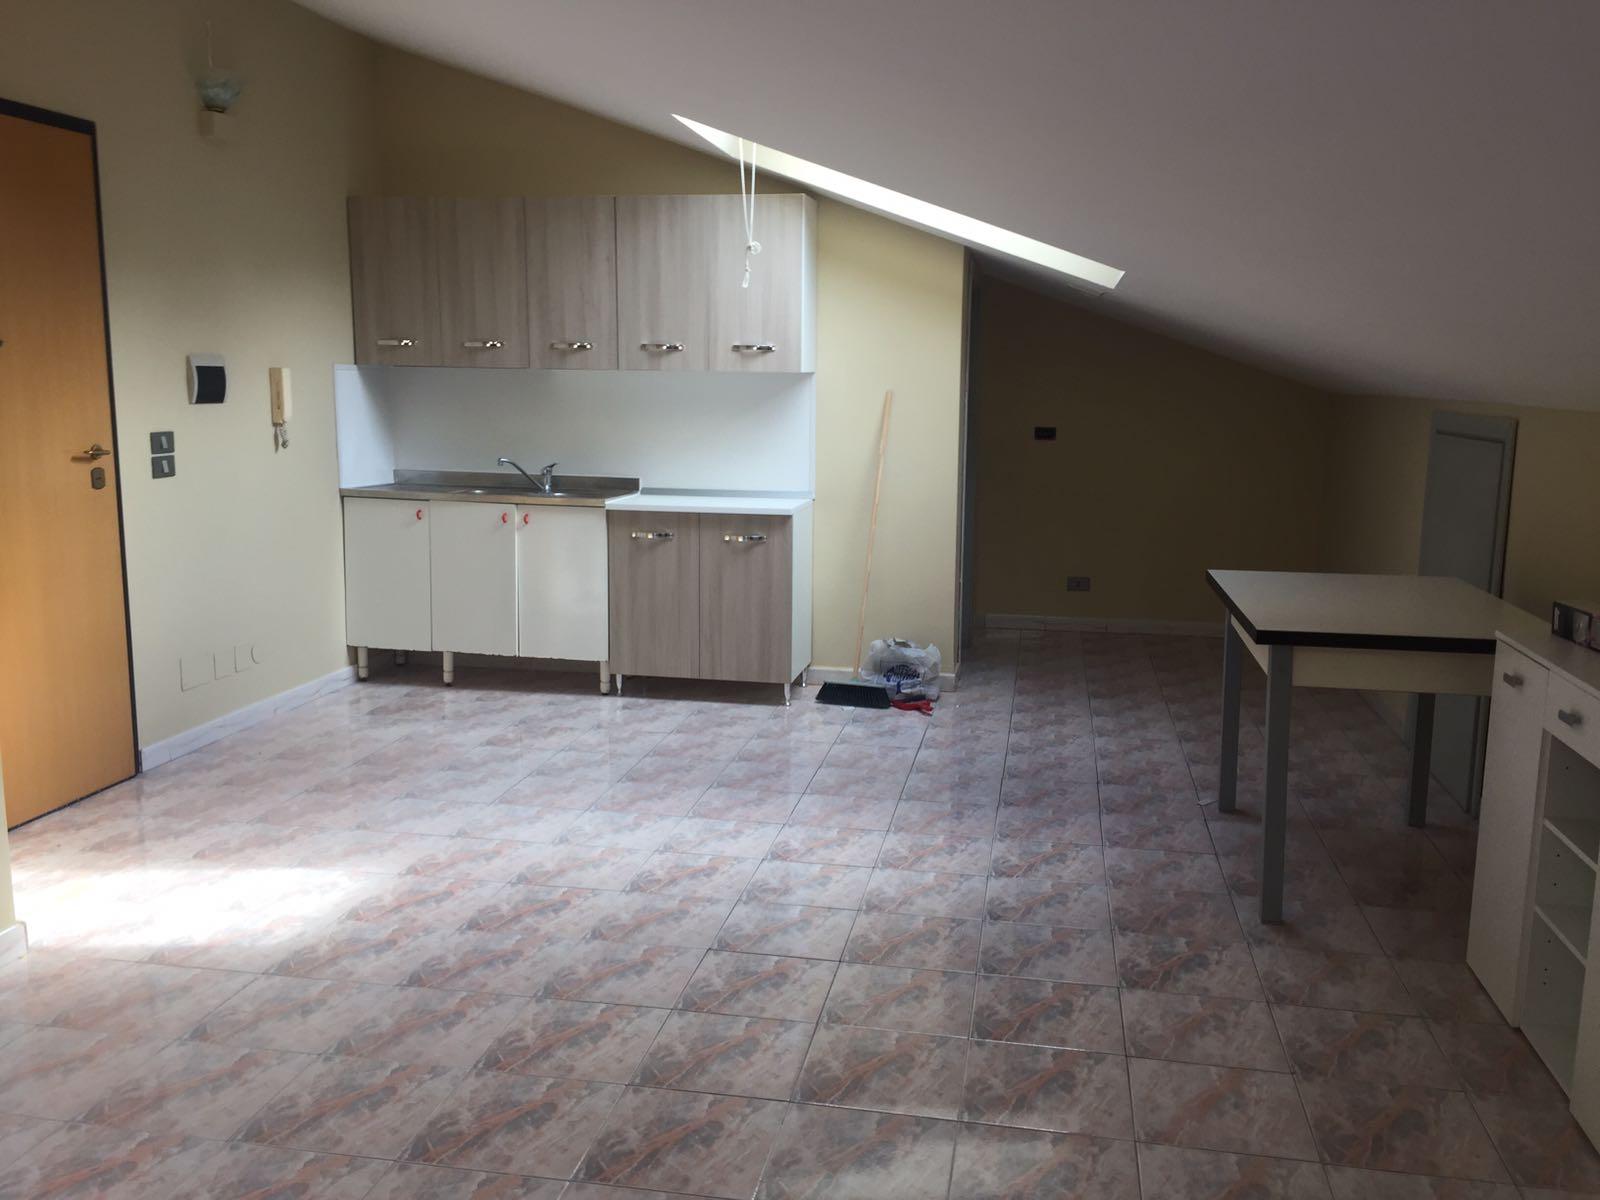 Attico / Mansarda in affitto a Avellino, 1 locali, zona Località: ViaCircumvallazione, prezzo € 250 | Cambio Casa.it